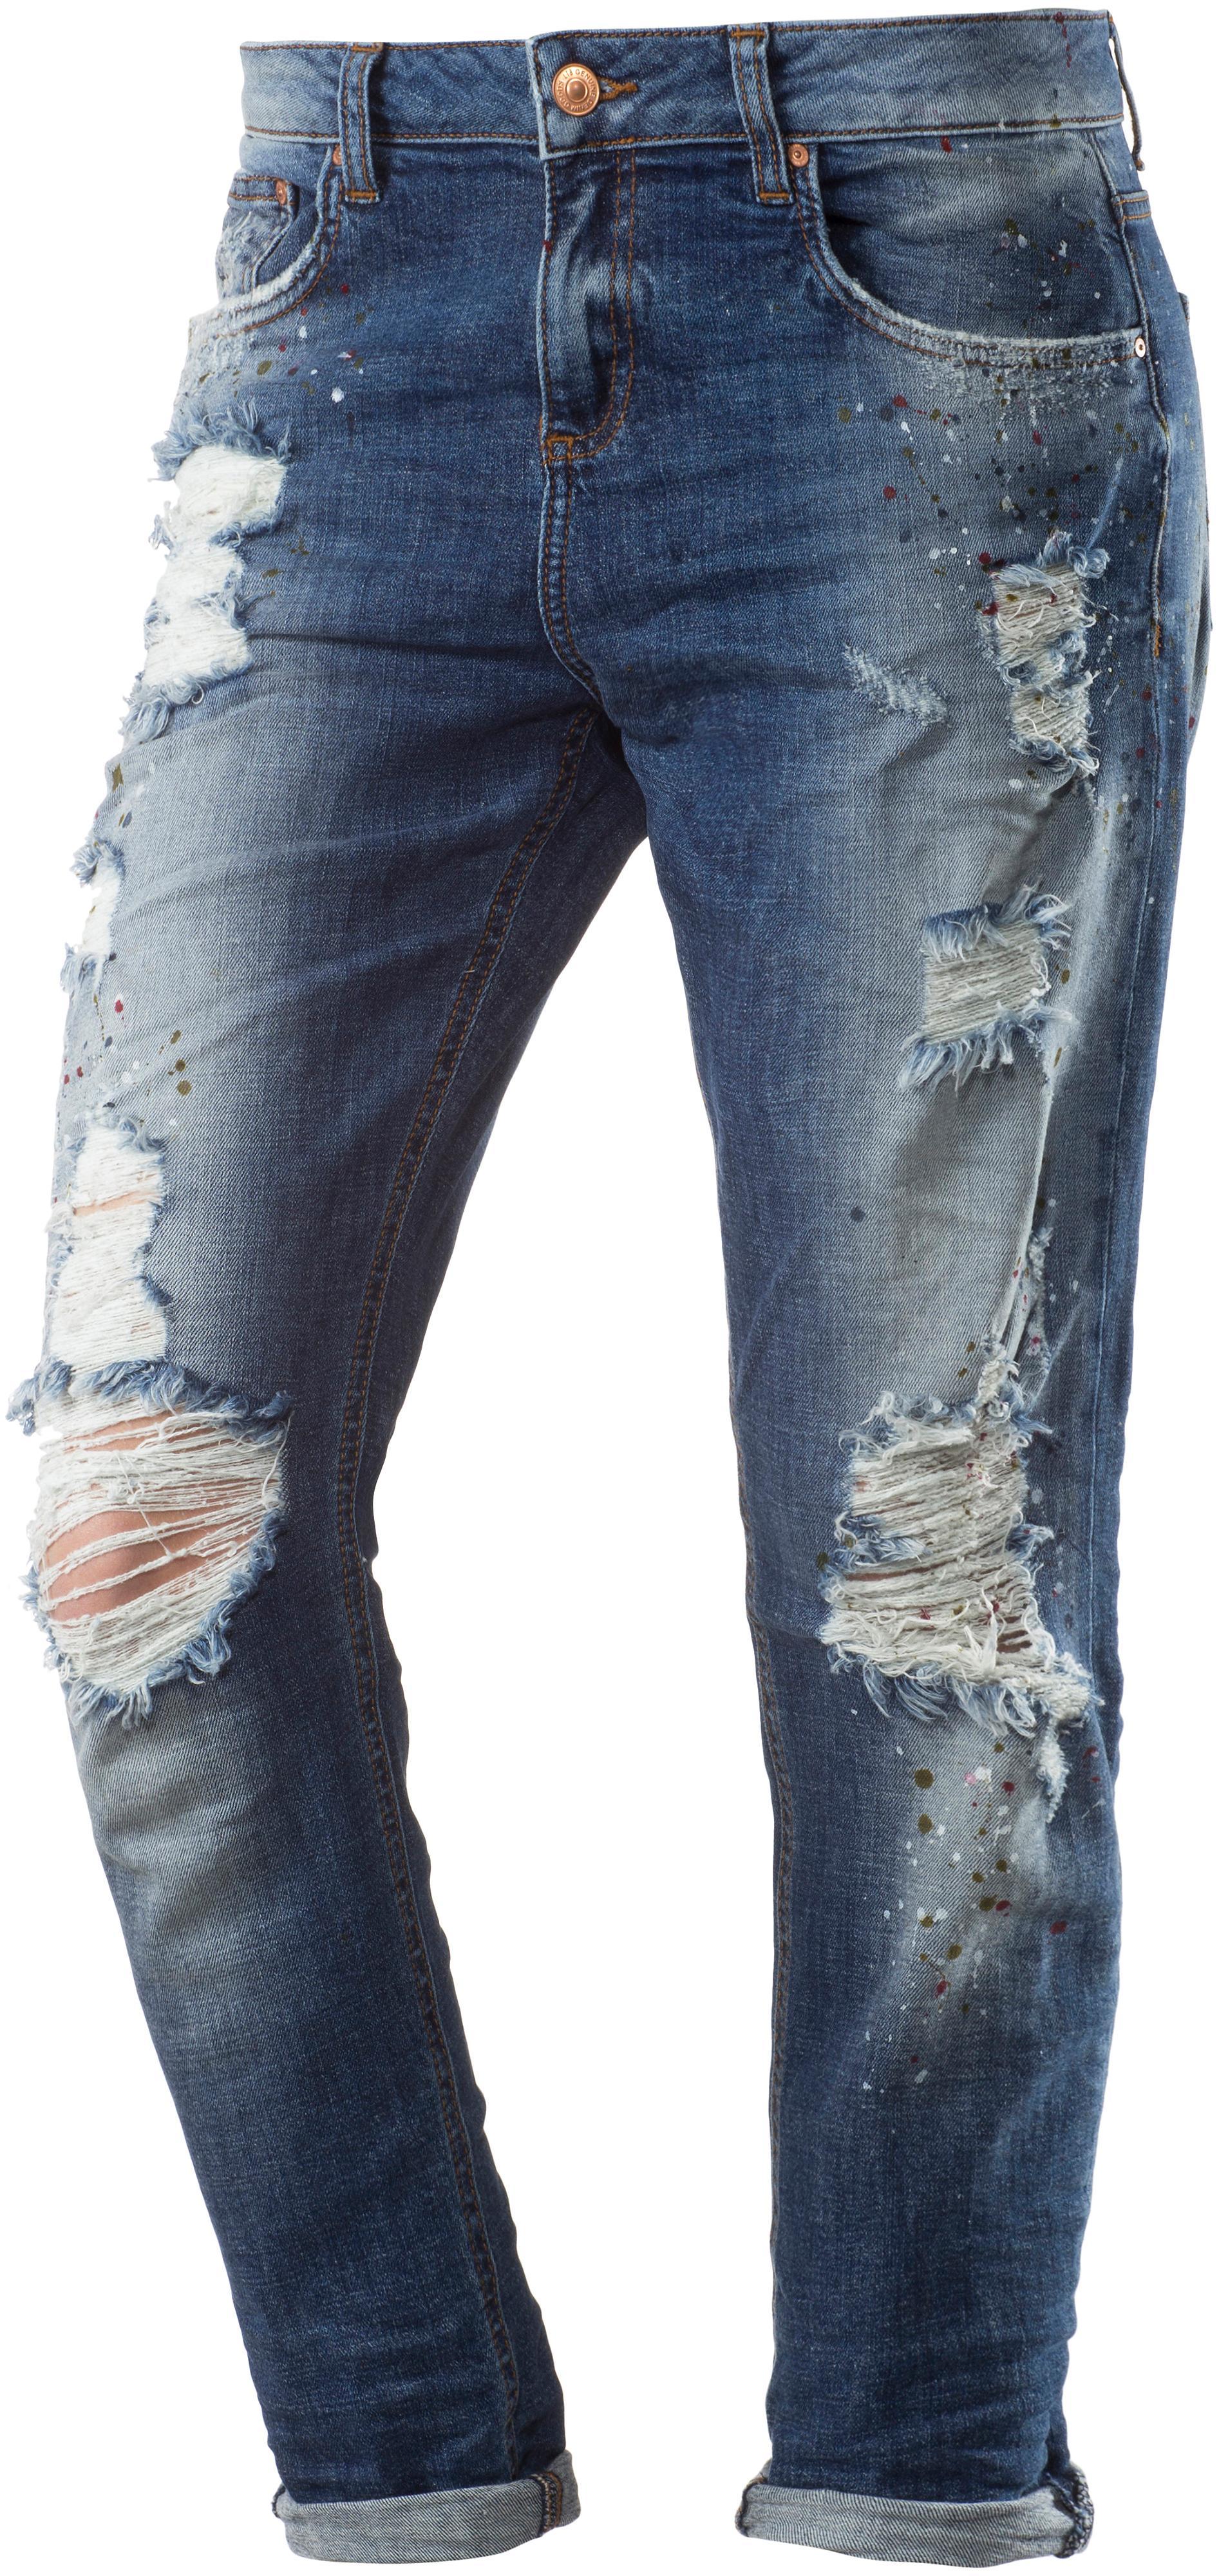 Pond Boyfriend Im Ltb Kaufen Jeans Sportscheck Von Wash Damen Online Shop gyfb76Y